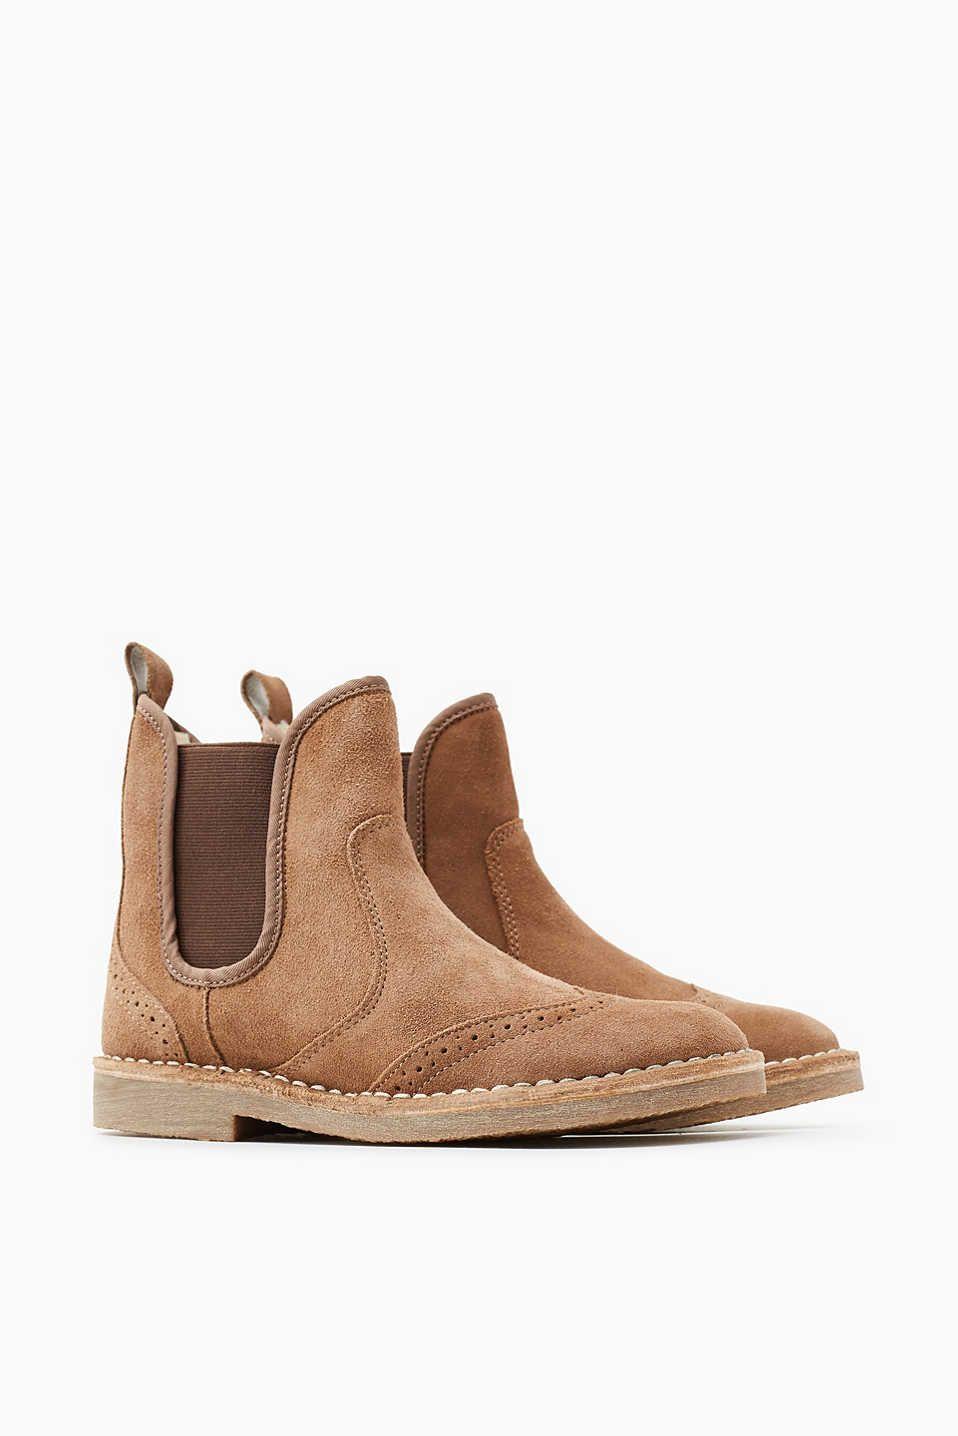 Livia, COGNAC, hi res | Clothing & shoes